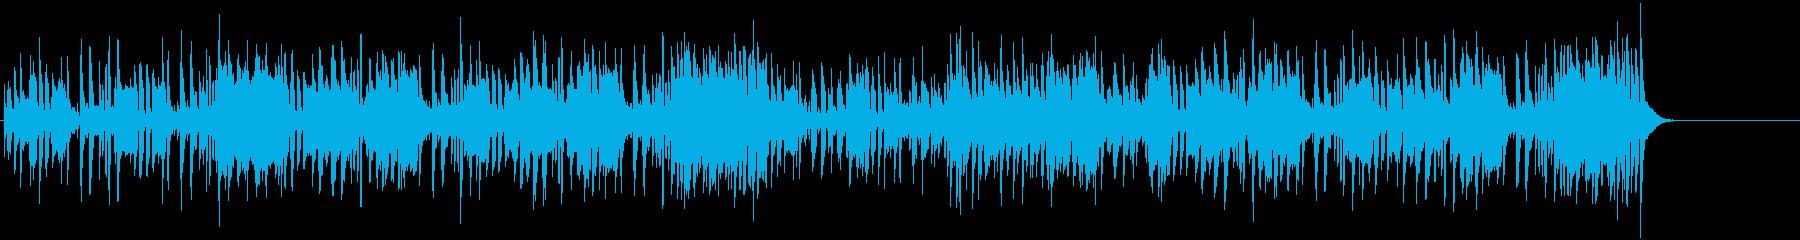 アクセントのあるフュージョン・サウンドの再生済みの波形